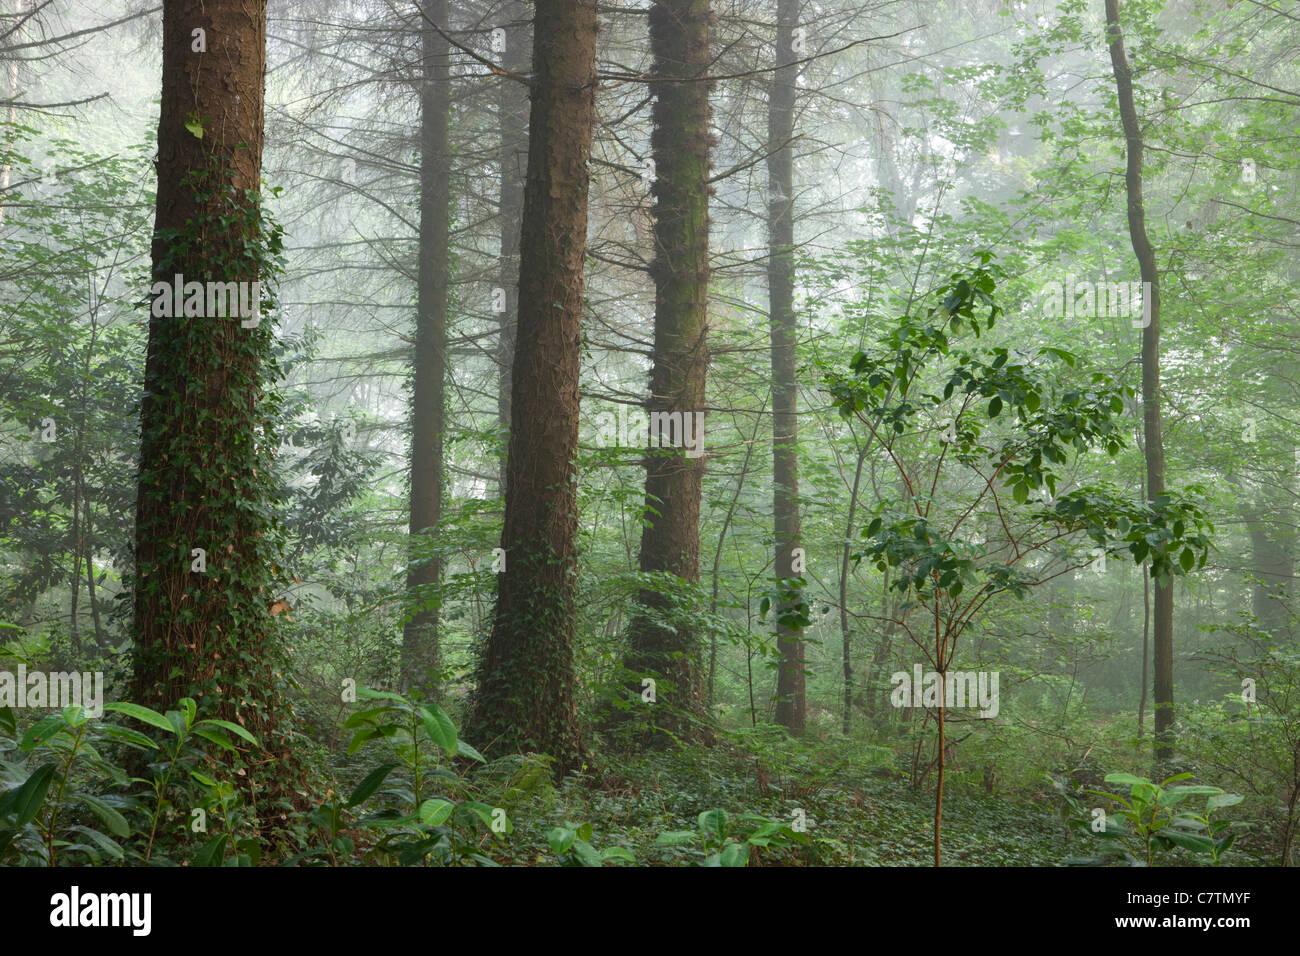 Estate nebbiosa mattina dentro un bosco britannica, Morchard legno, Devon, Inghilterra. In estate (Luglio) 2011. Immagini Stock